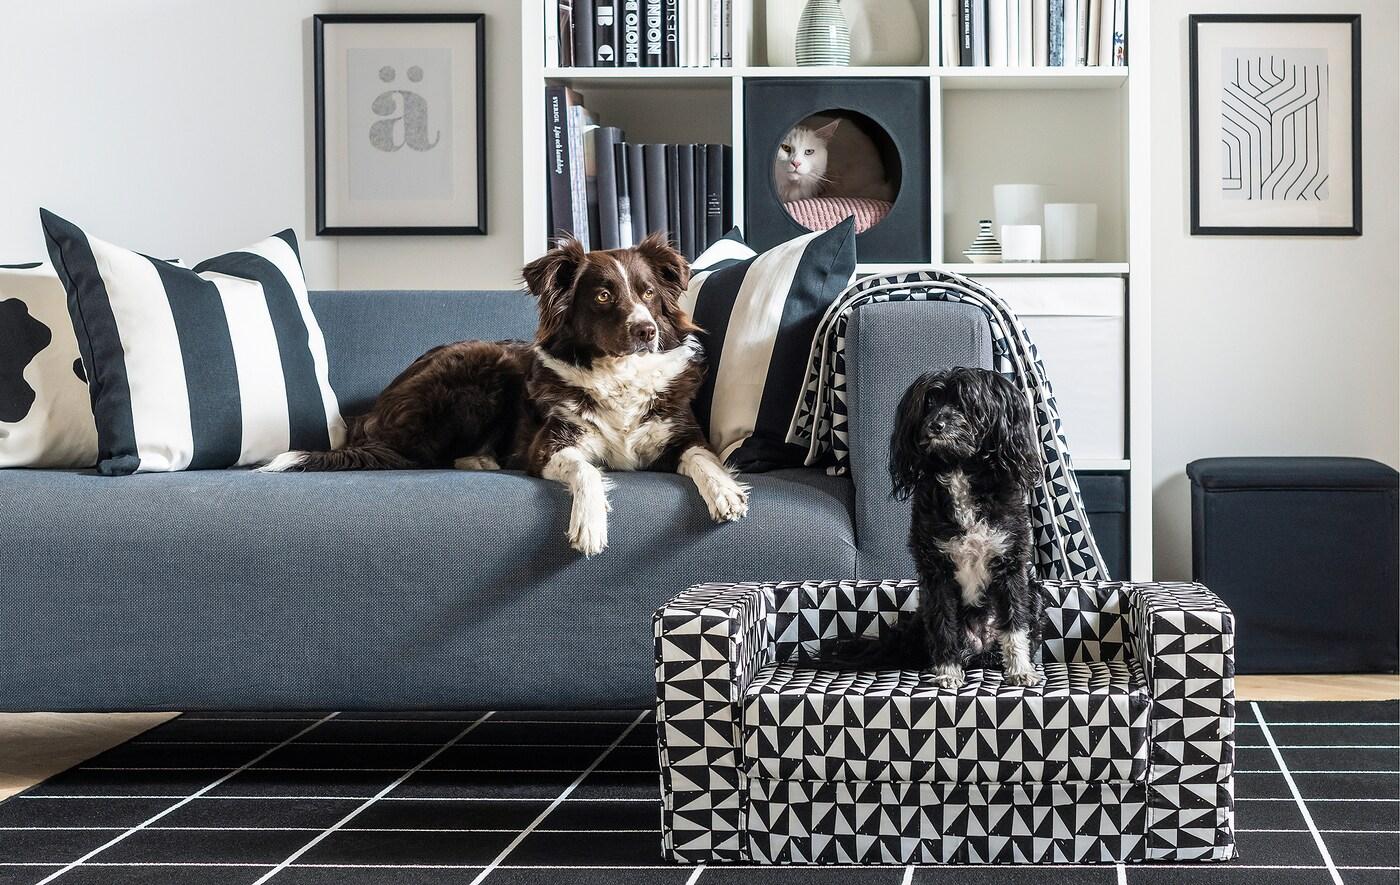 Wohnzimmereinrichtung, u. a. mit einem Hundebett, in dem ein Hund sitzt. Auf dem Sofa liegt ein weiterer Hund und aus einem Regal schaut eine weisse Katze hervor.